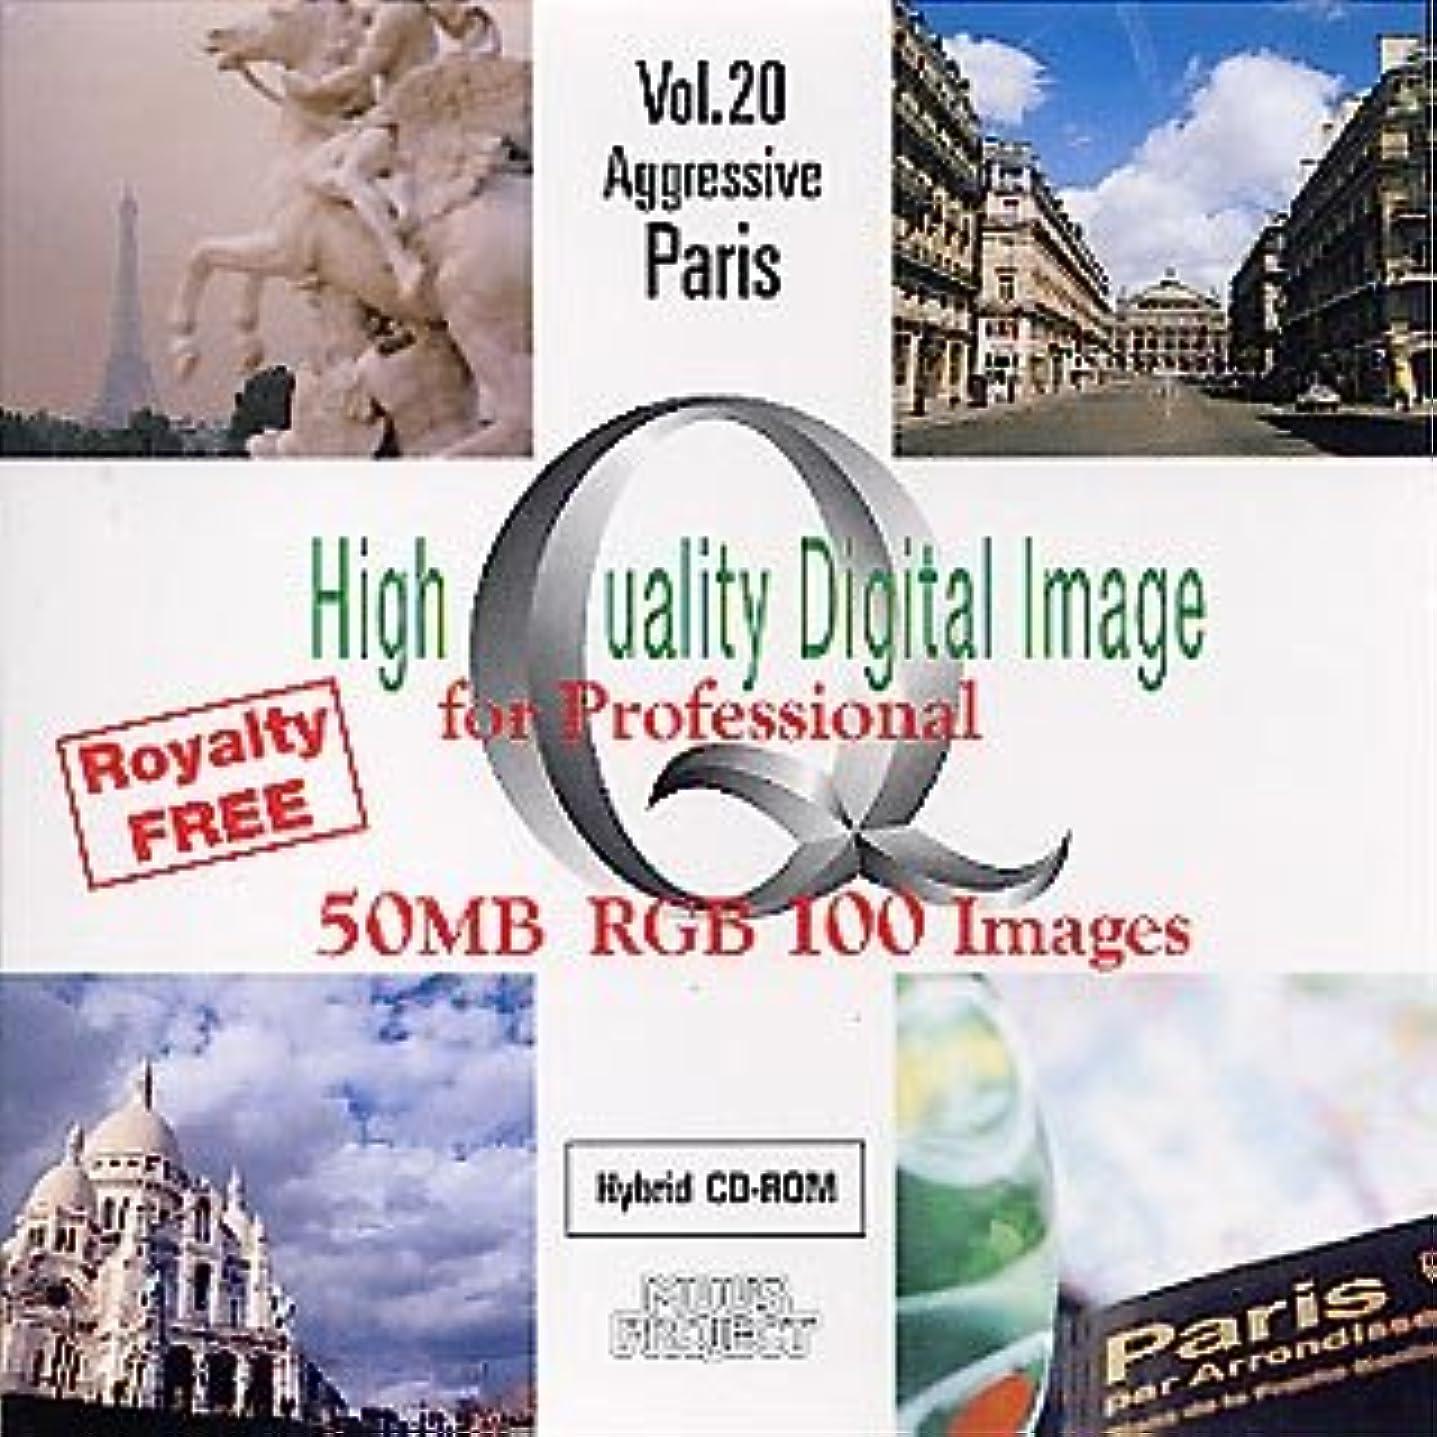 上国家冗長High Quality Digital Image for Professional Vol.20 Aggressive Paris